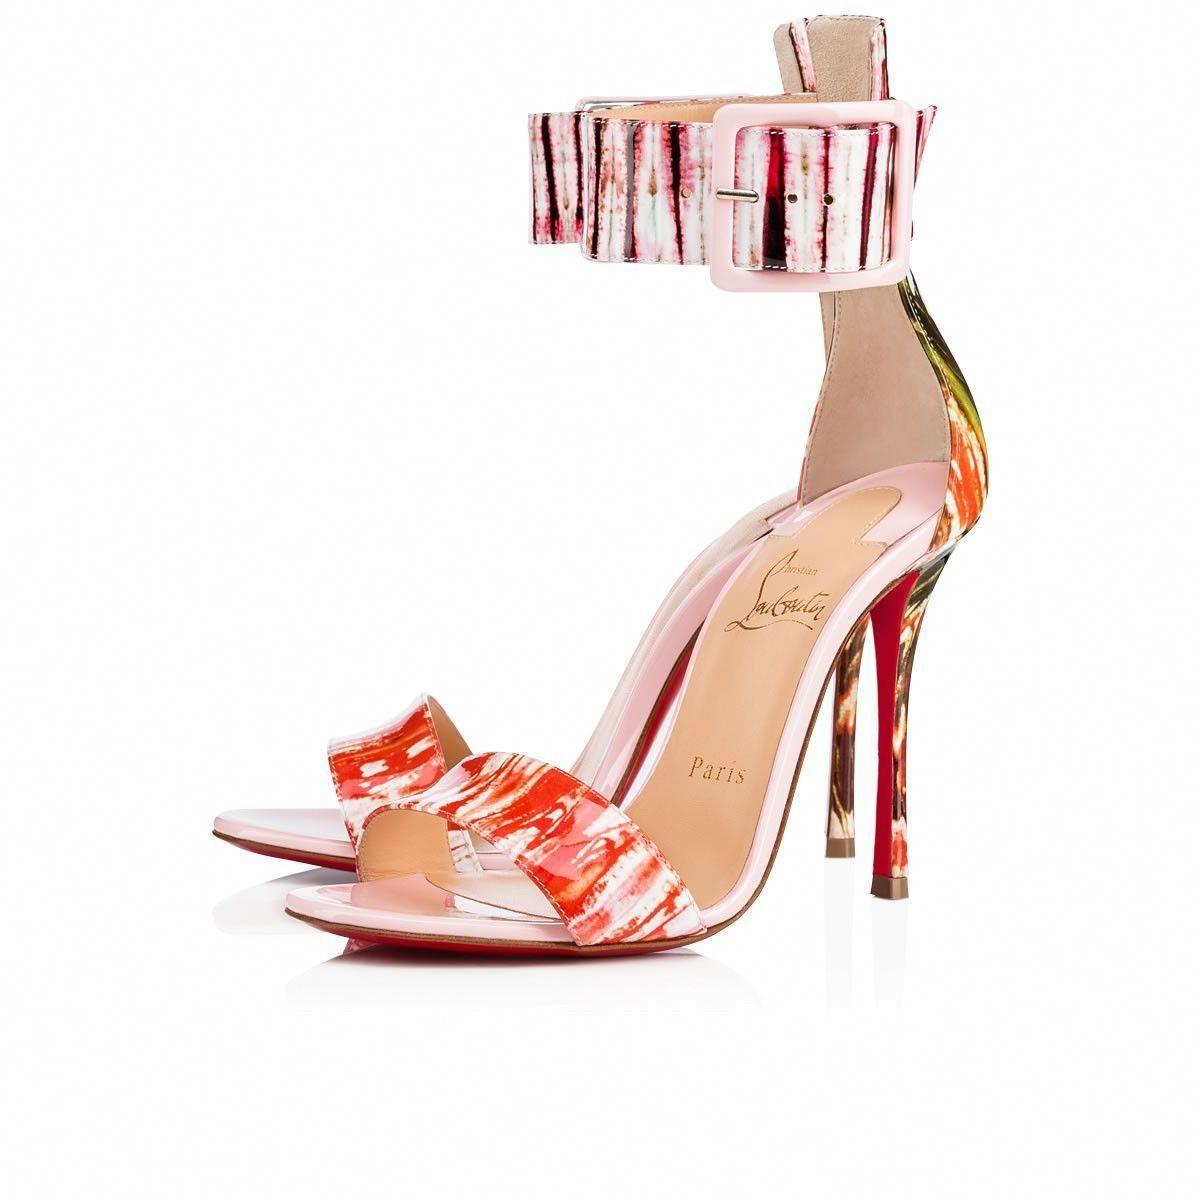 936b77b0e74 Shoes - Blade Runana - Christian Louboutin #ChristianLouboutin ...